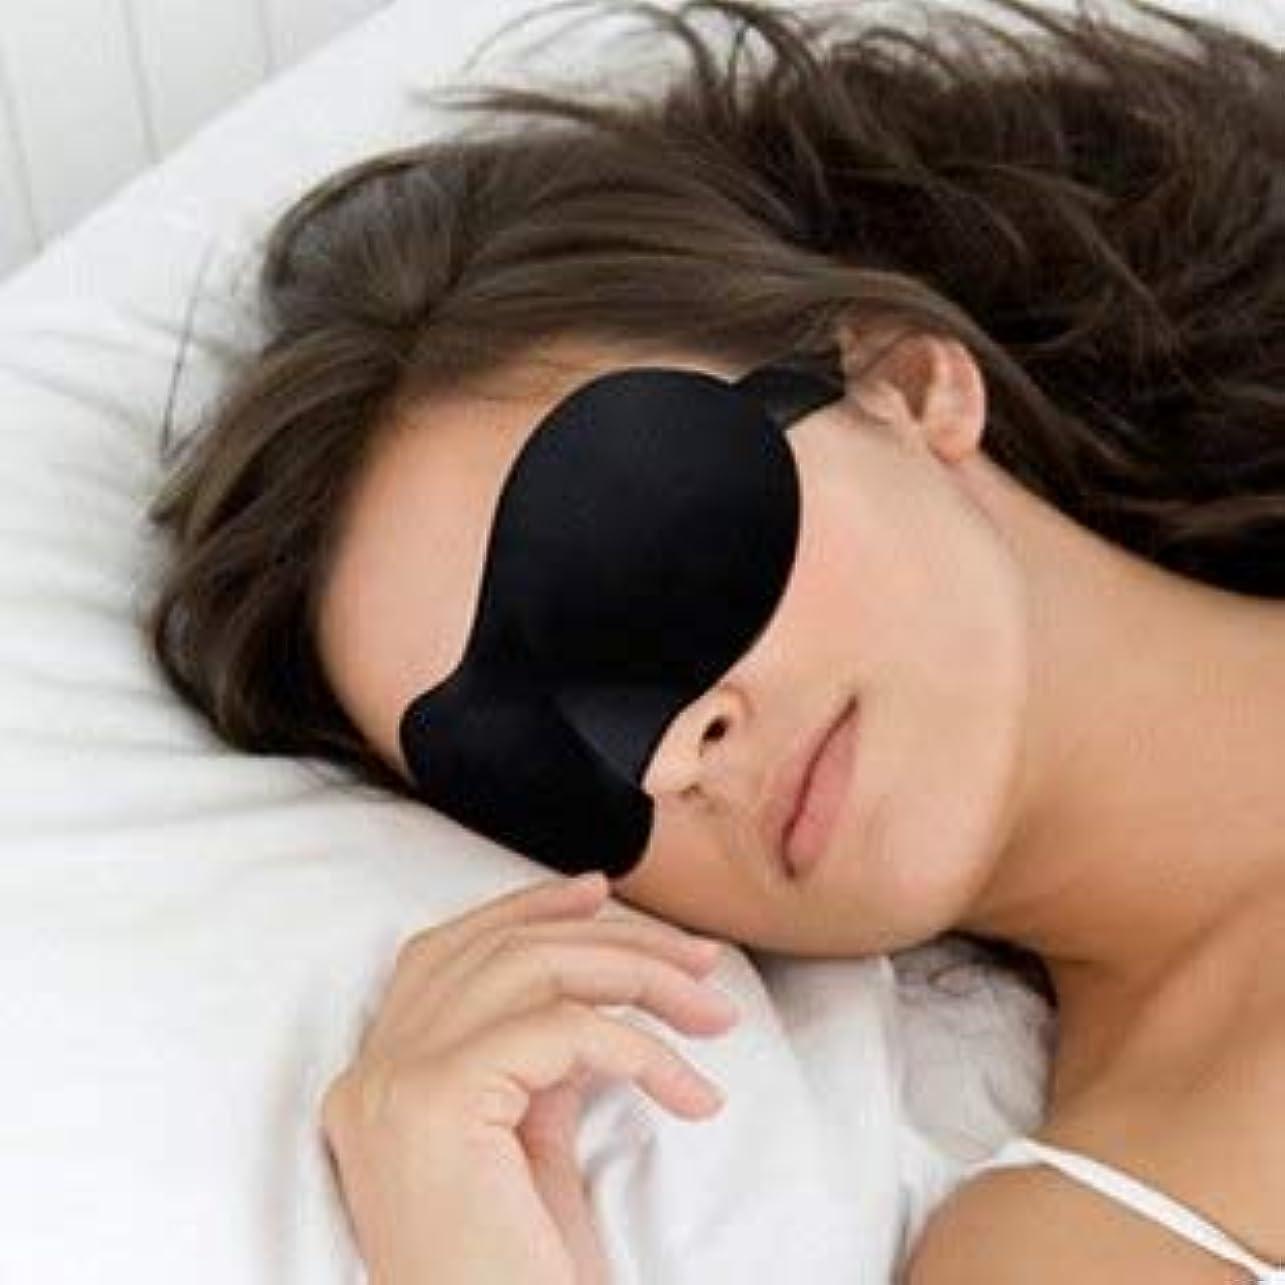 ノイズ表面商人注5ピーストラベルレスト3dポータブルソフトトラベルスリープレストアイマスクアイパッチ睡眠マスク健康目隠しアイシェード昼寝カバー